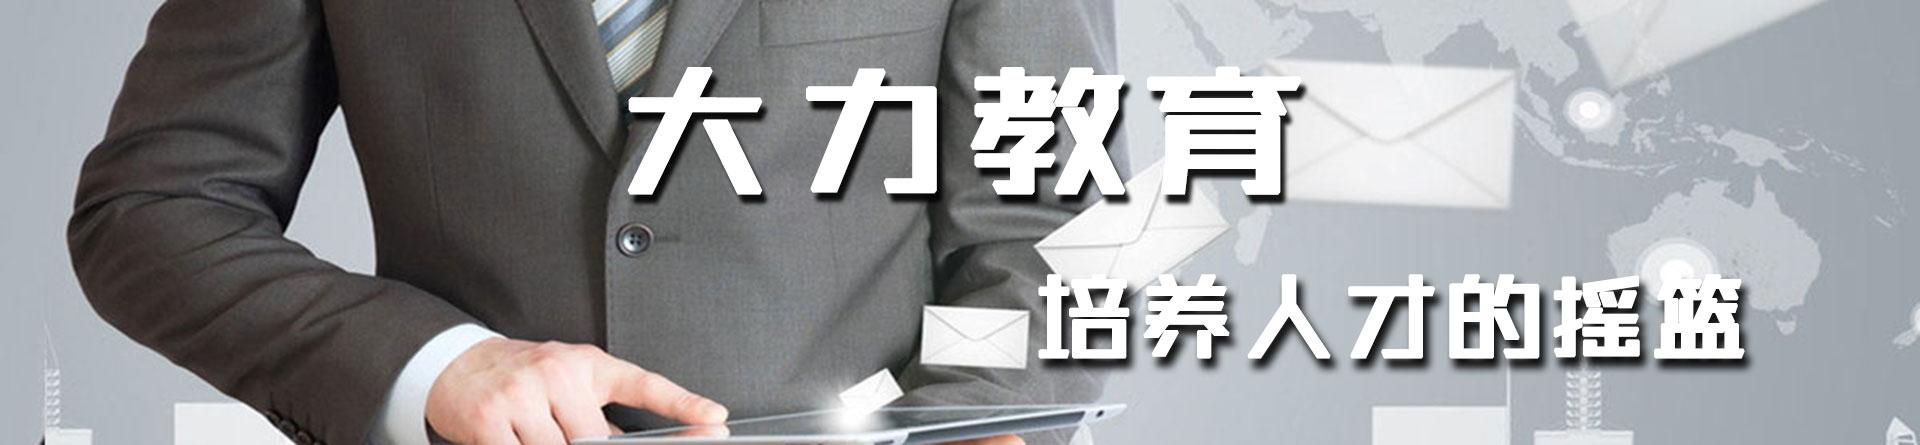 郑州大力教育